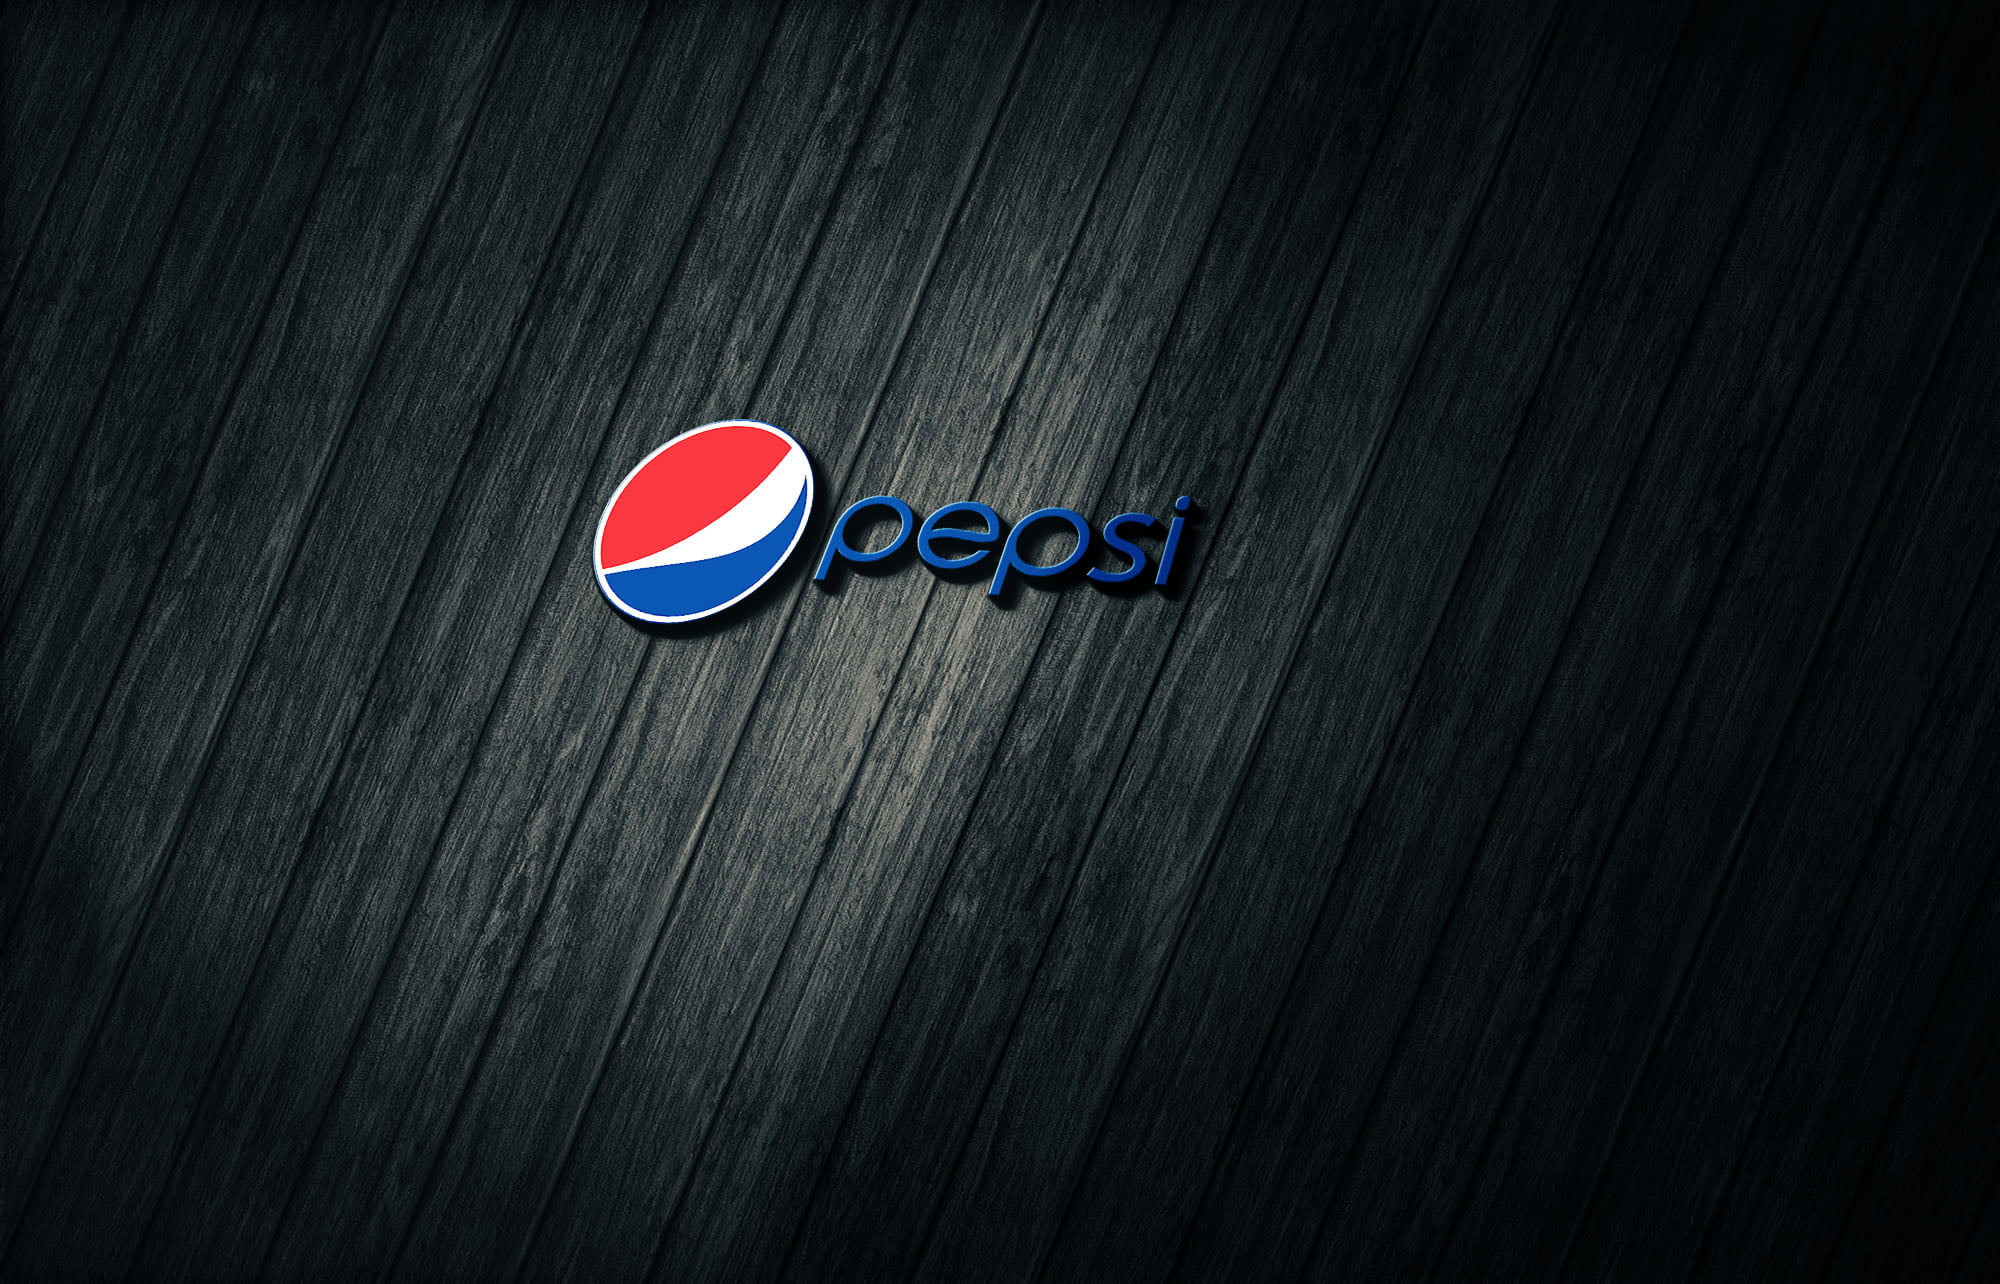 Pepsi on 3d dark wood mockup